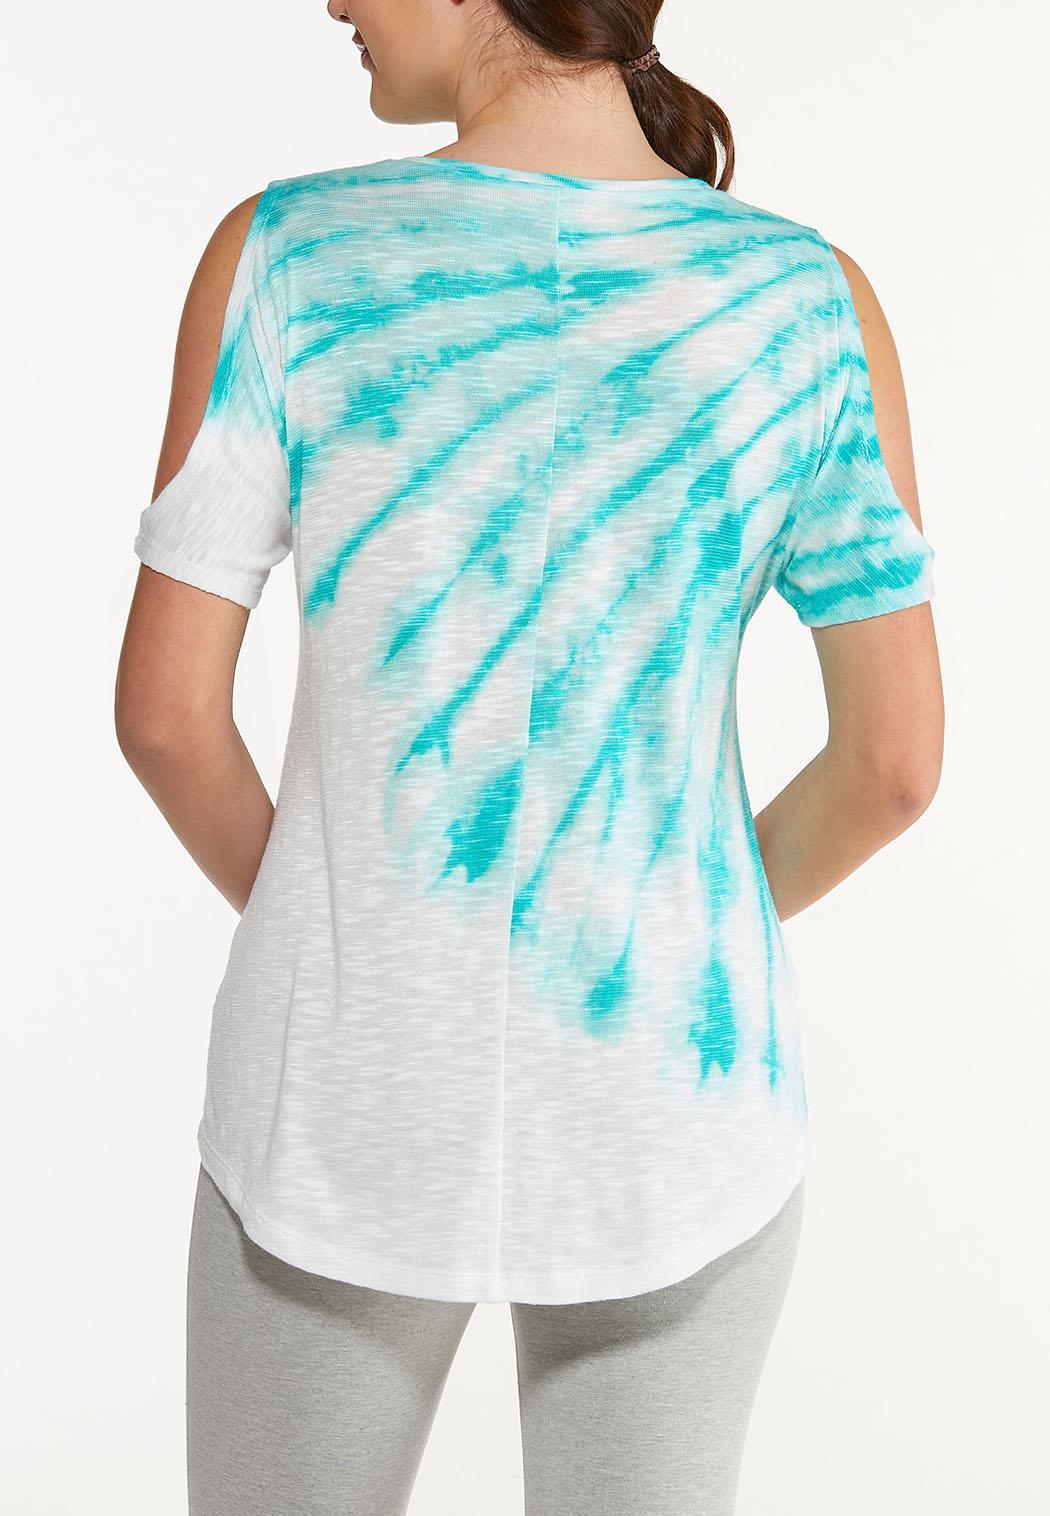 Plus Size Cold Shoulder Tie Dye Top (Item #44548599)